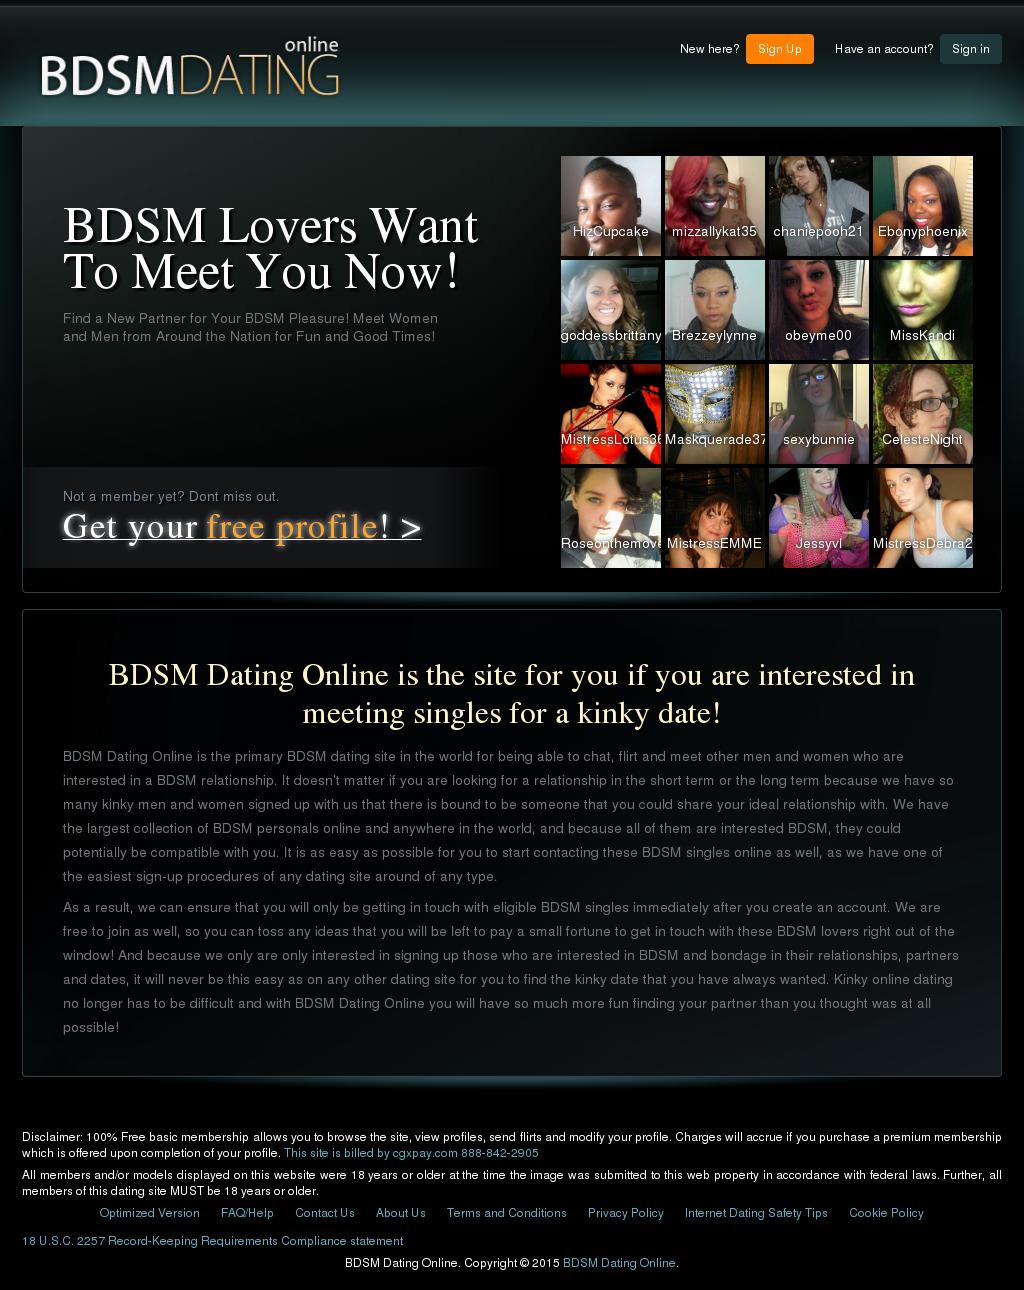 bdsm-znakomstva-onlayn